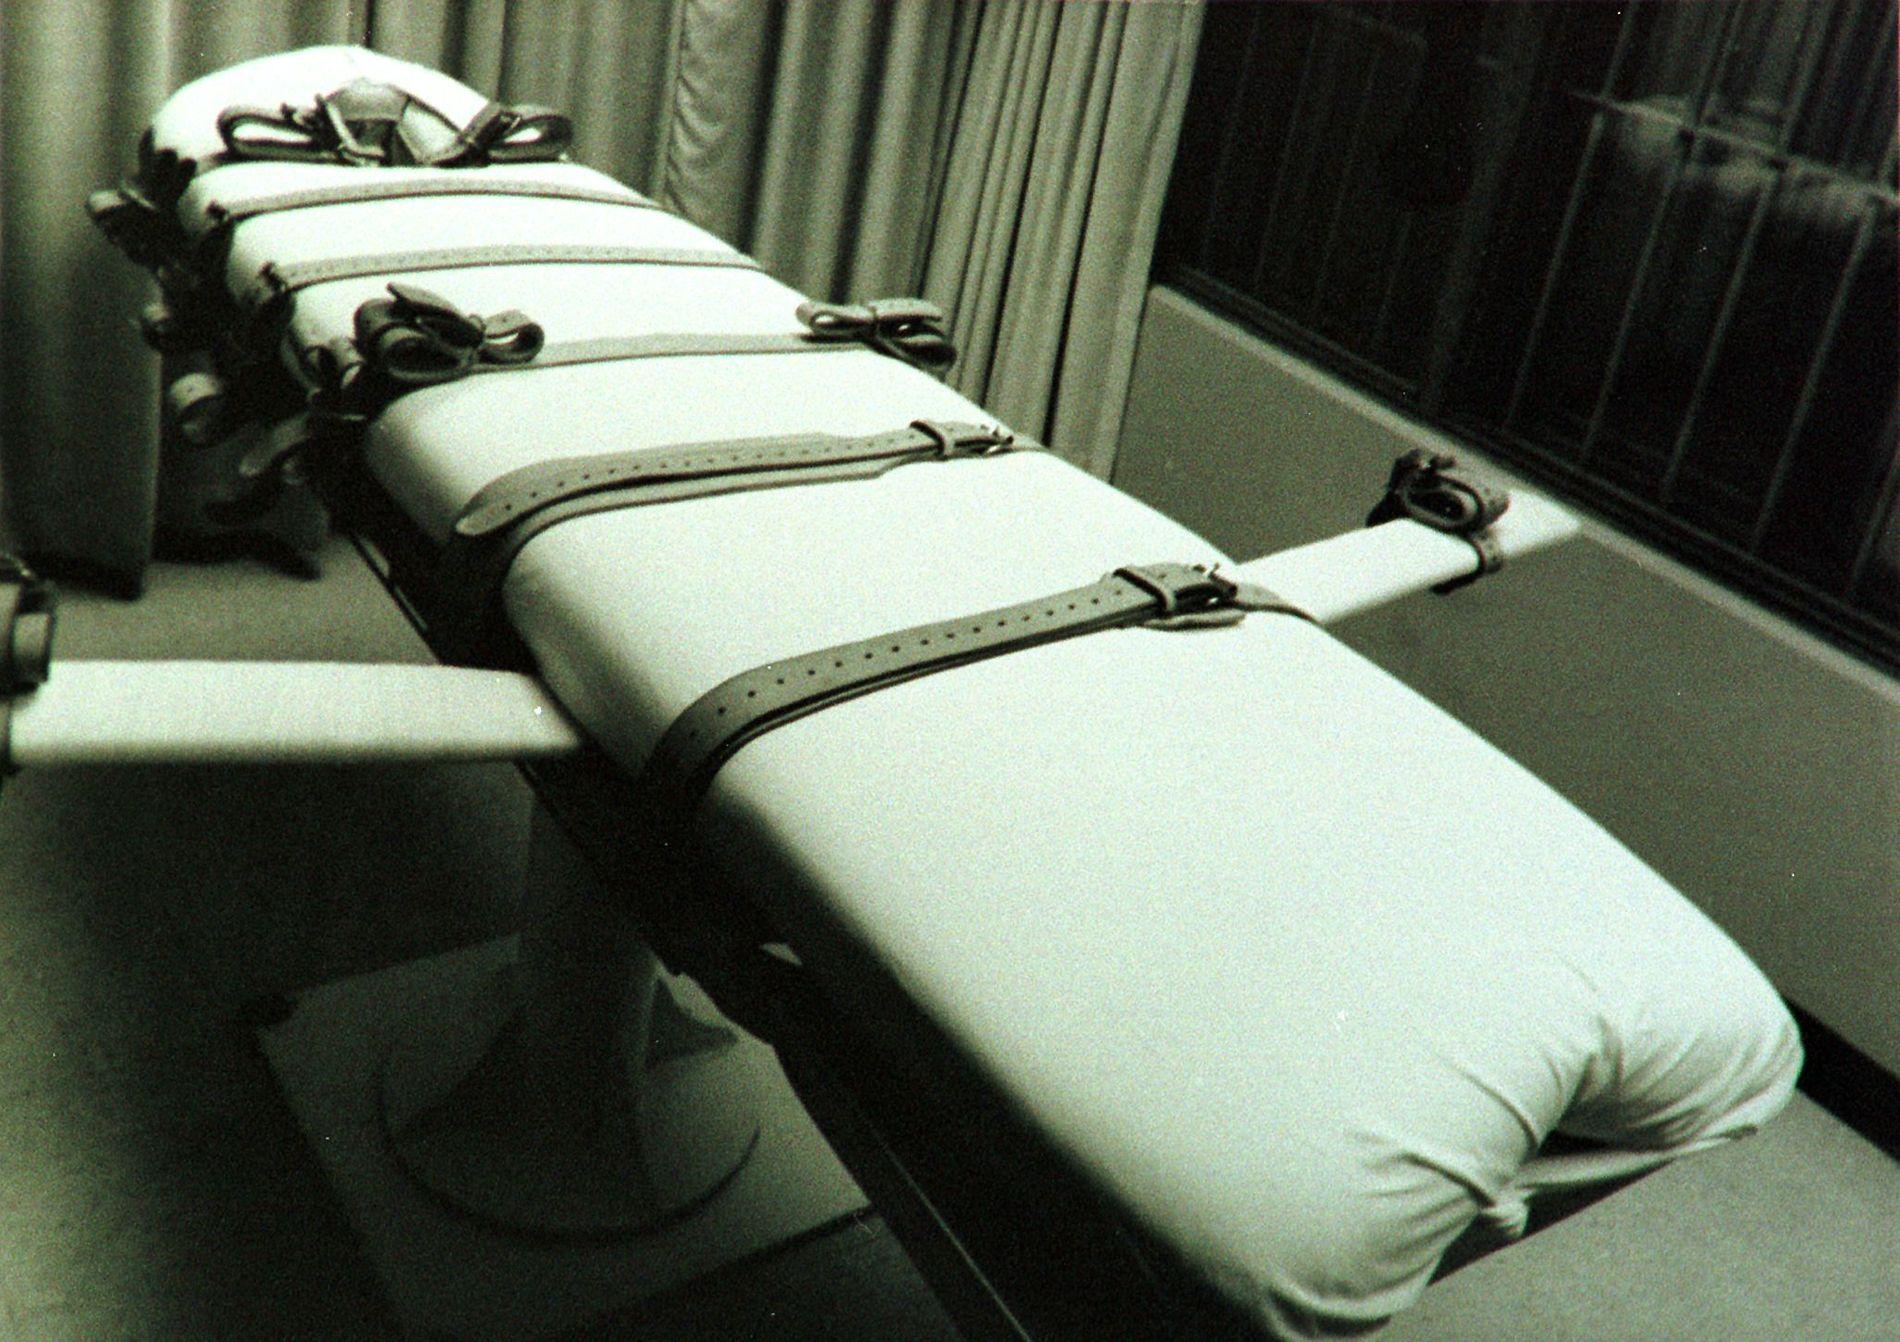 BLE HENRETTET: Bildet viser en båre som dødsdømte fanger legges på når de skal henrettes med en dødelig injeksjon, slik Rodney Berget ble i natt.